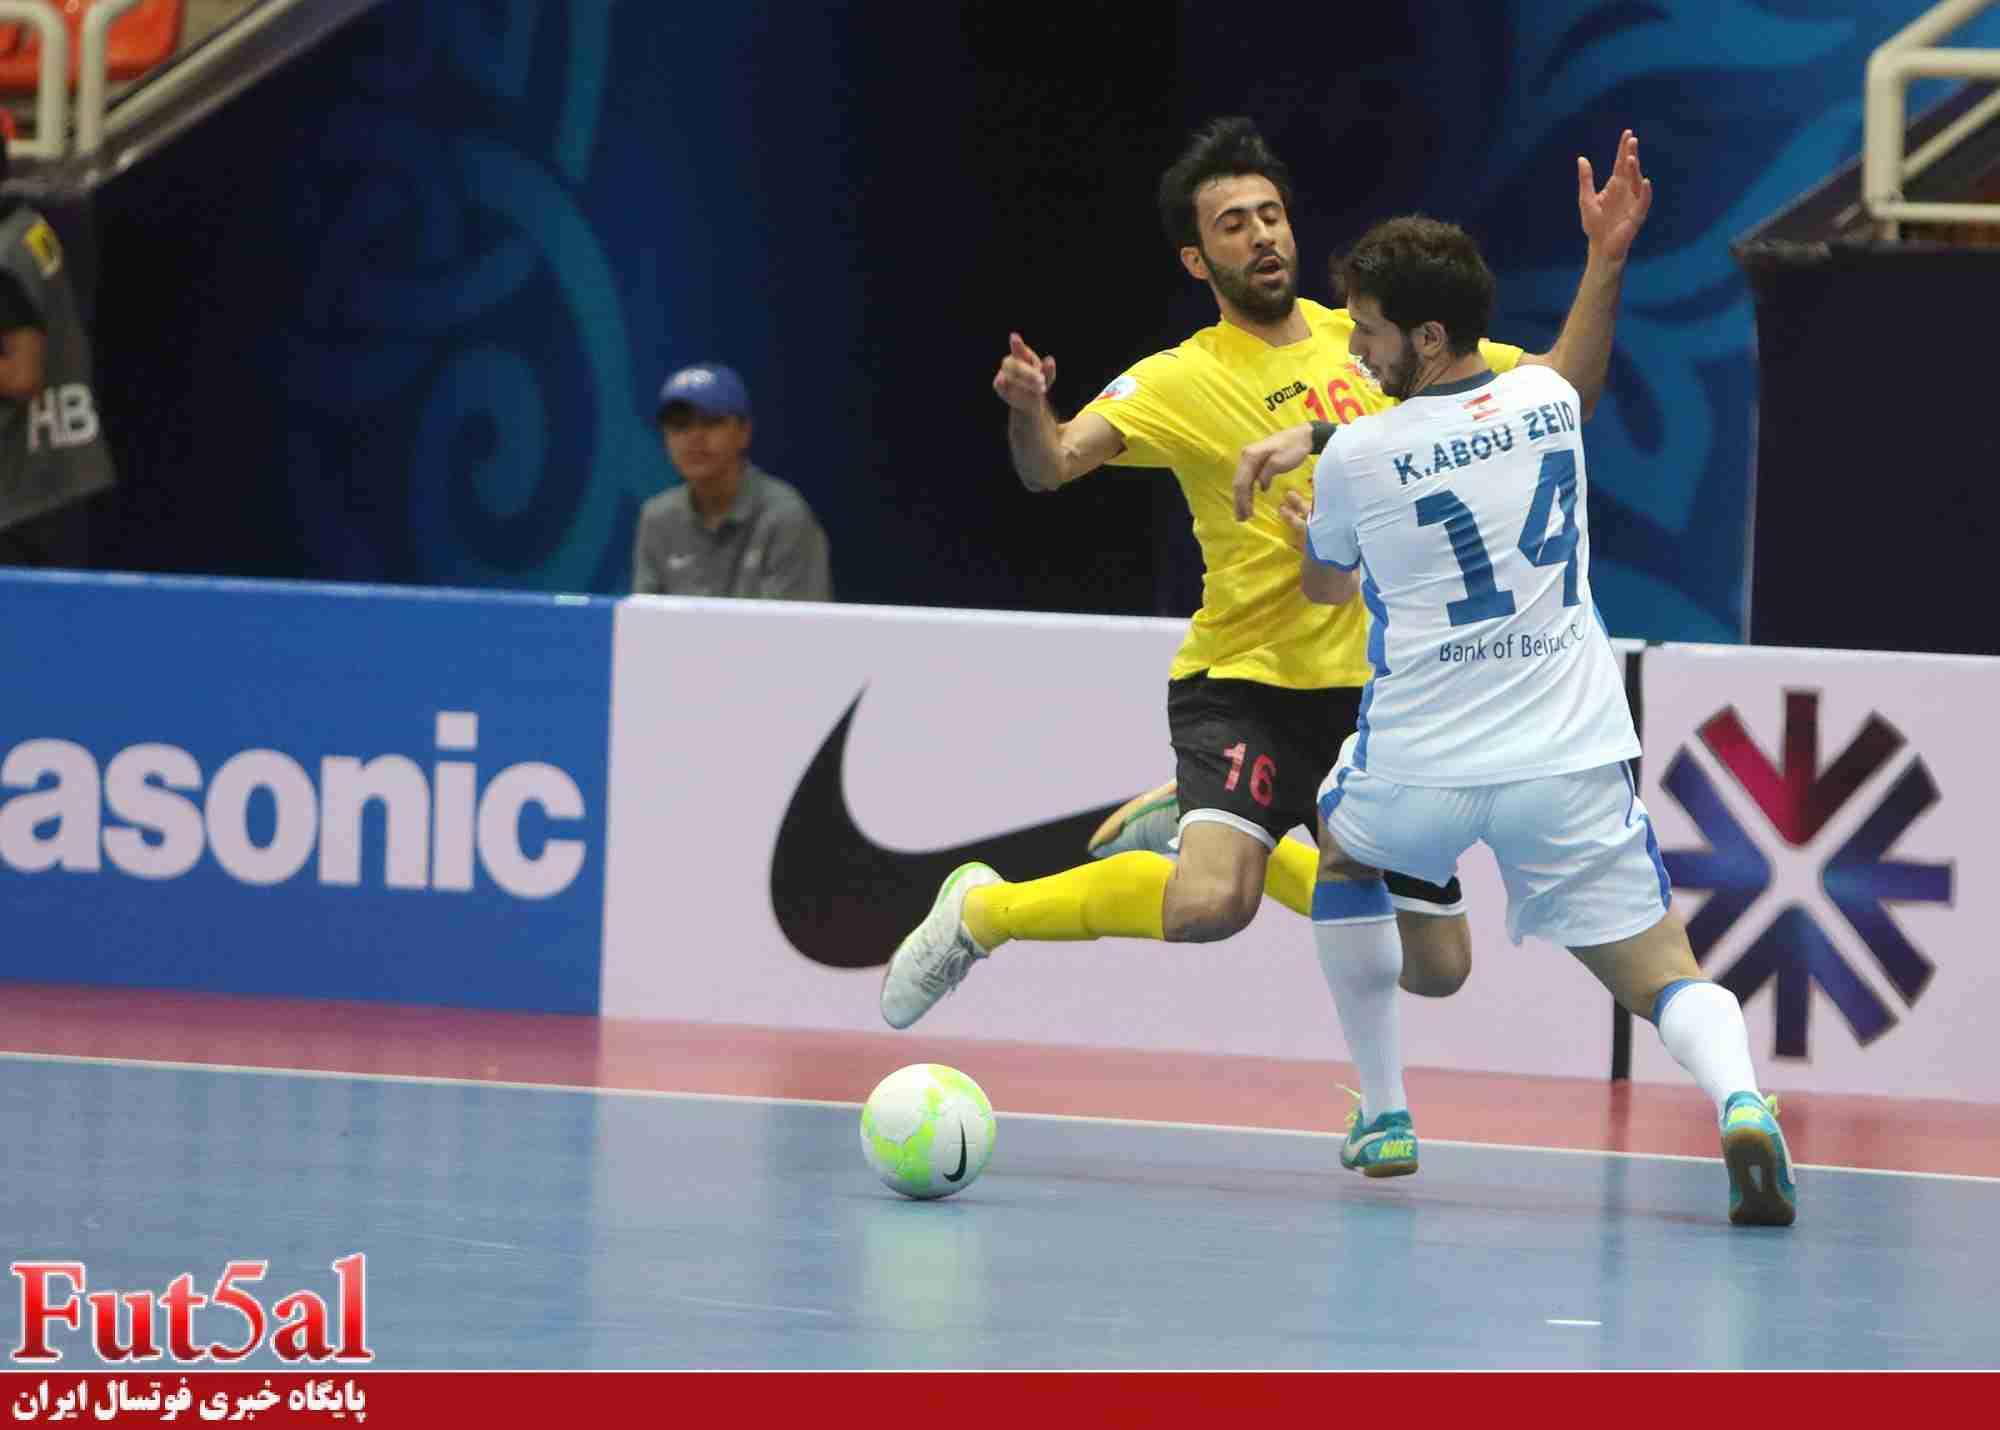 ویدیو بازی نهم جام /بانک بیروت ۵ -شن زن چین۳/ درخشش جاوید در ترکیب بانک بیروت